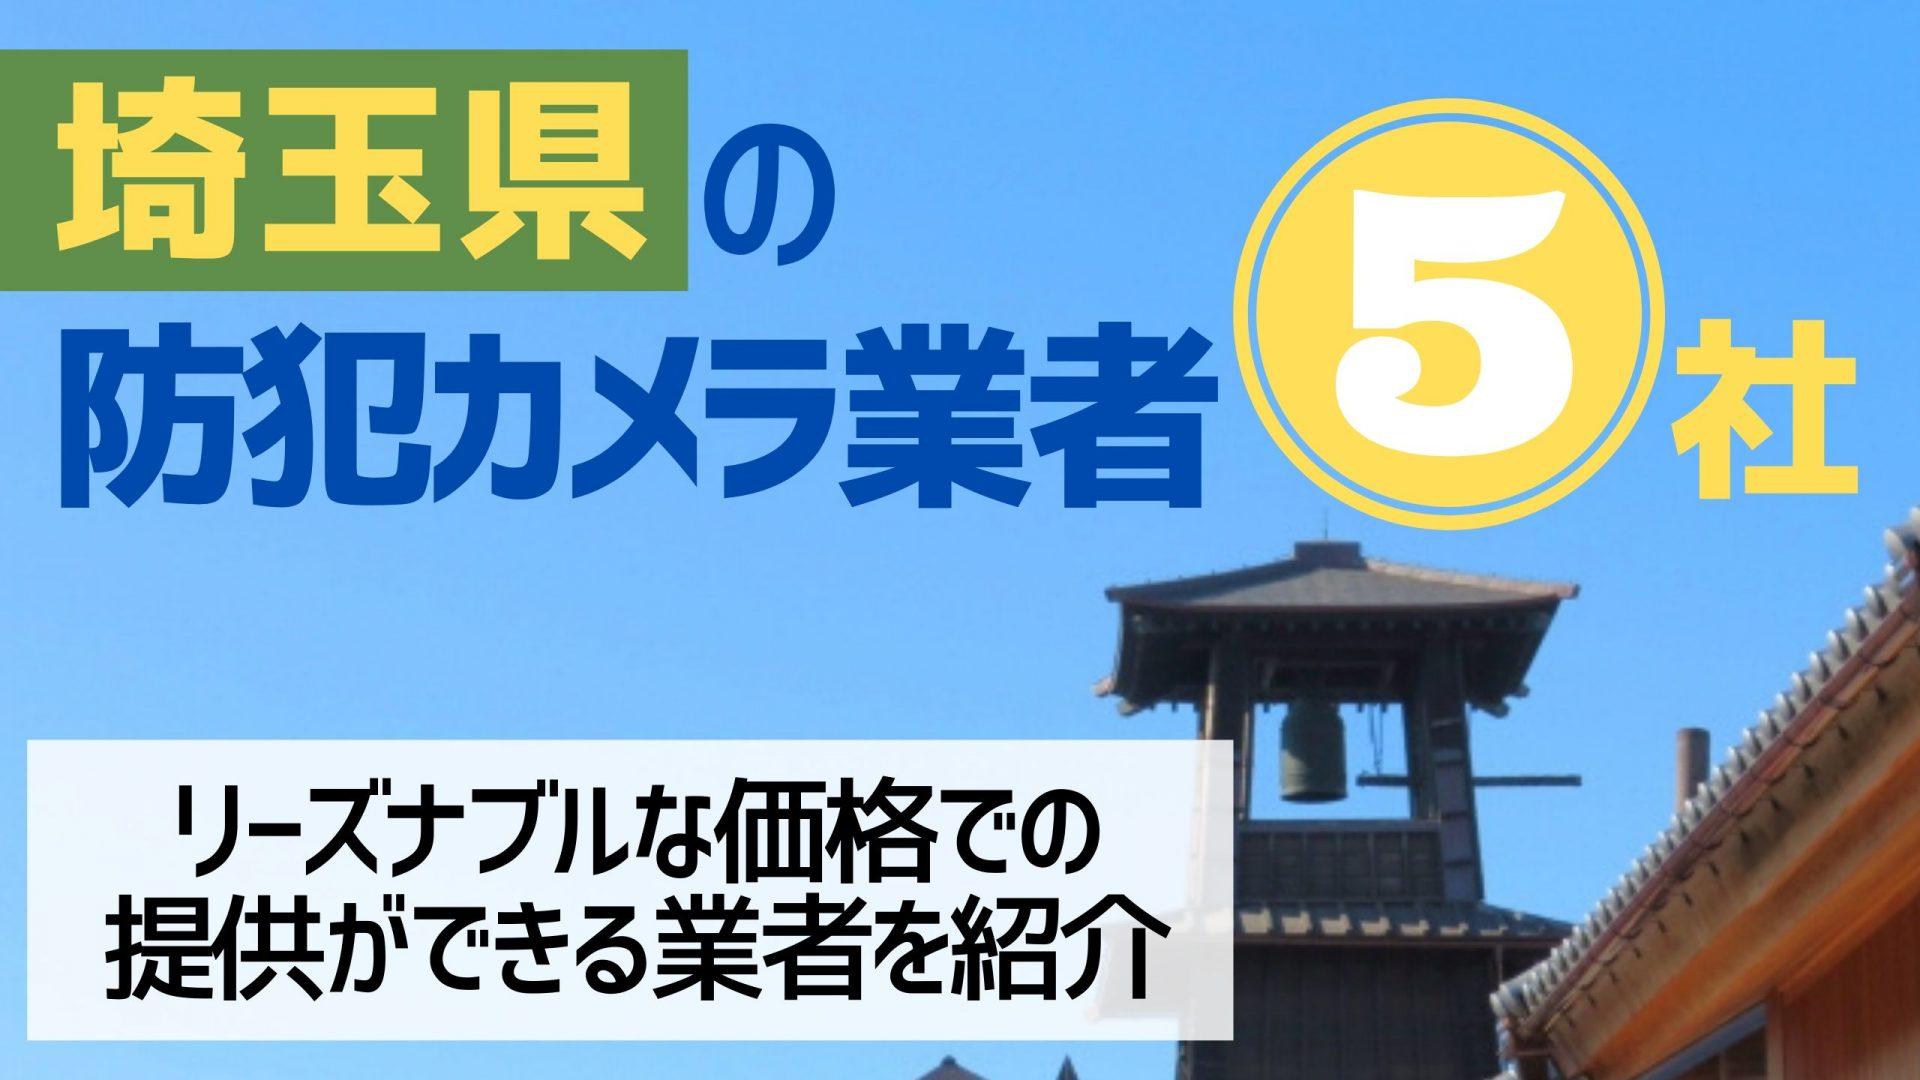 1a5e7adc204ee45def880a673080f45e - 埼玉県でリーズナブルな価格での提供が可能な防犯カメラ業者5選!